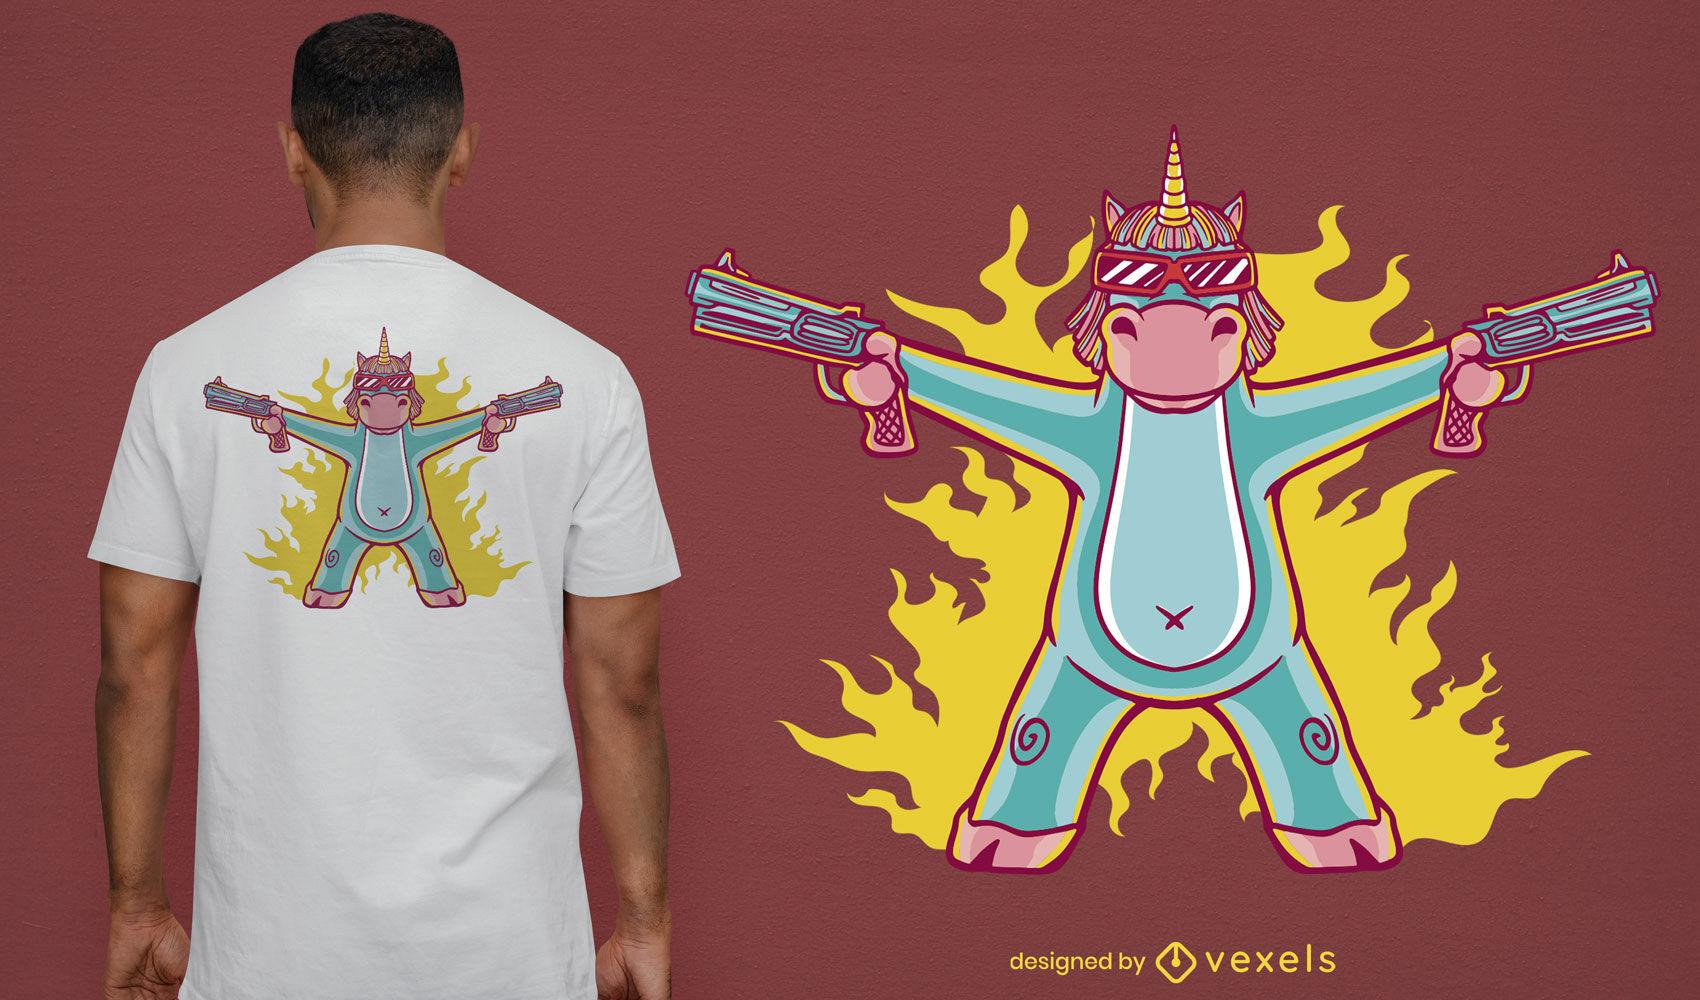 Unicornio con dise?o de camiseta de dibujos animados de armas.